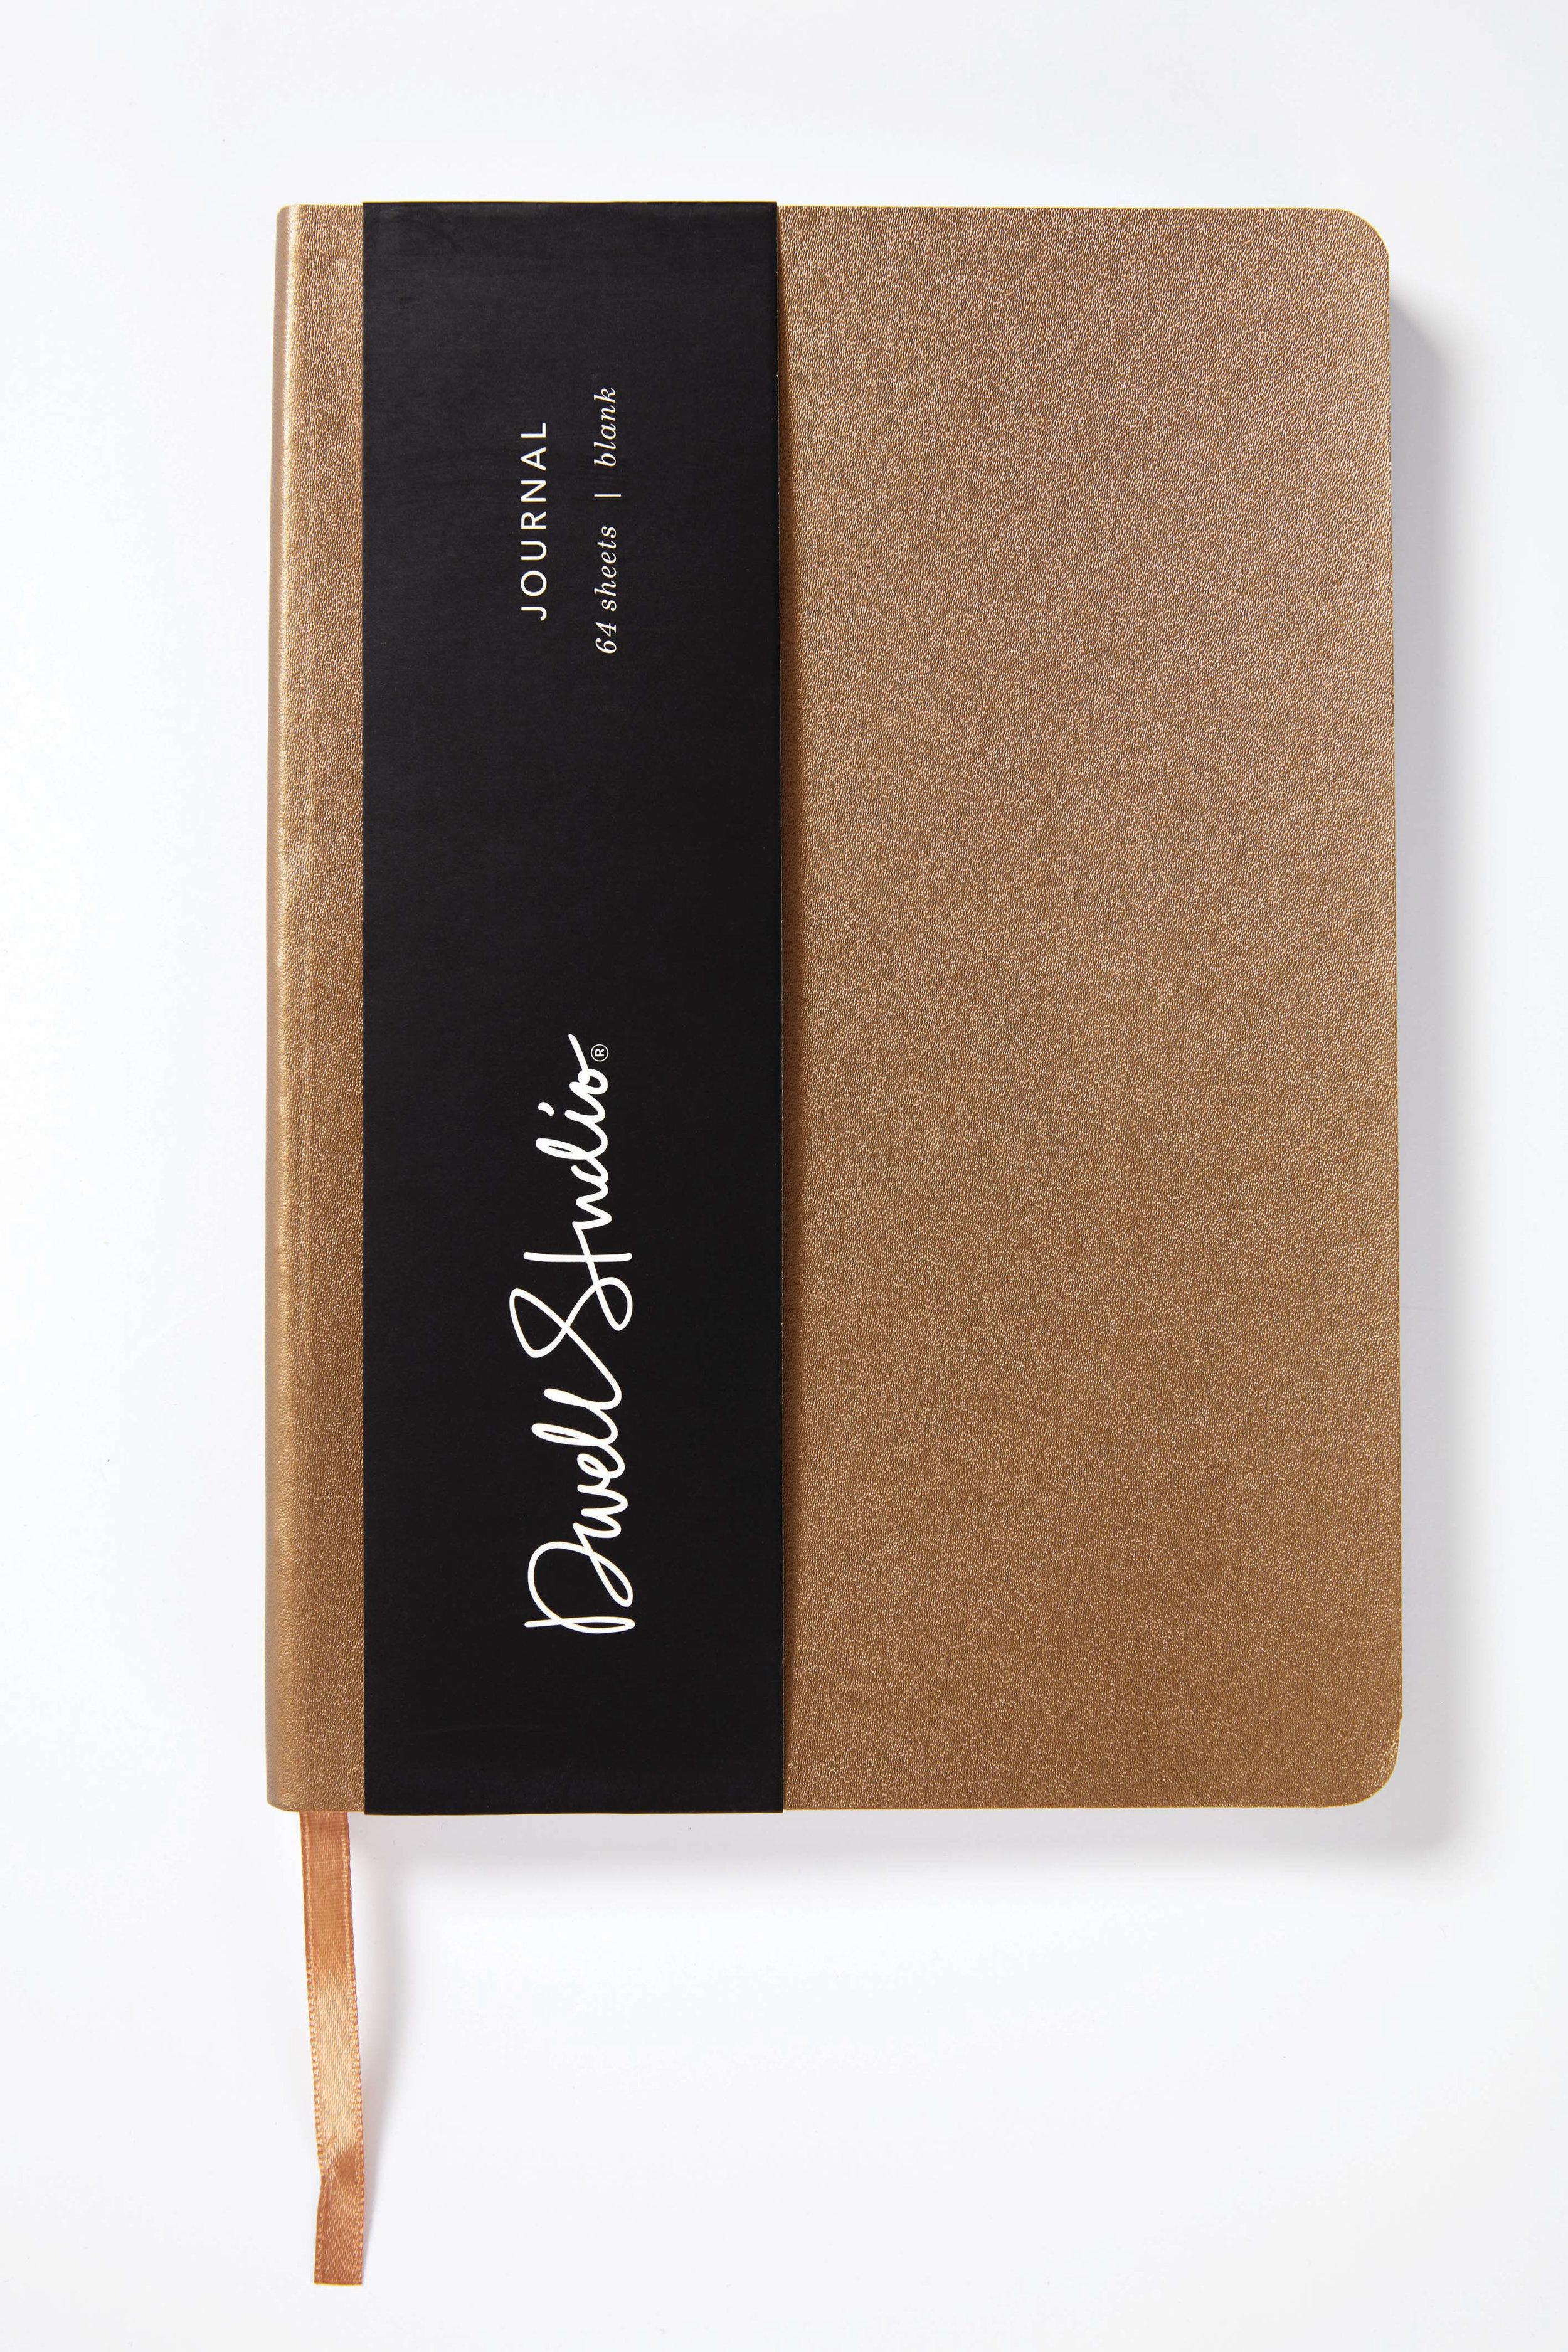 DS leatherette journal 1 pk gold.jpg